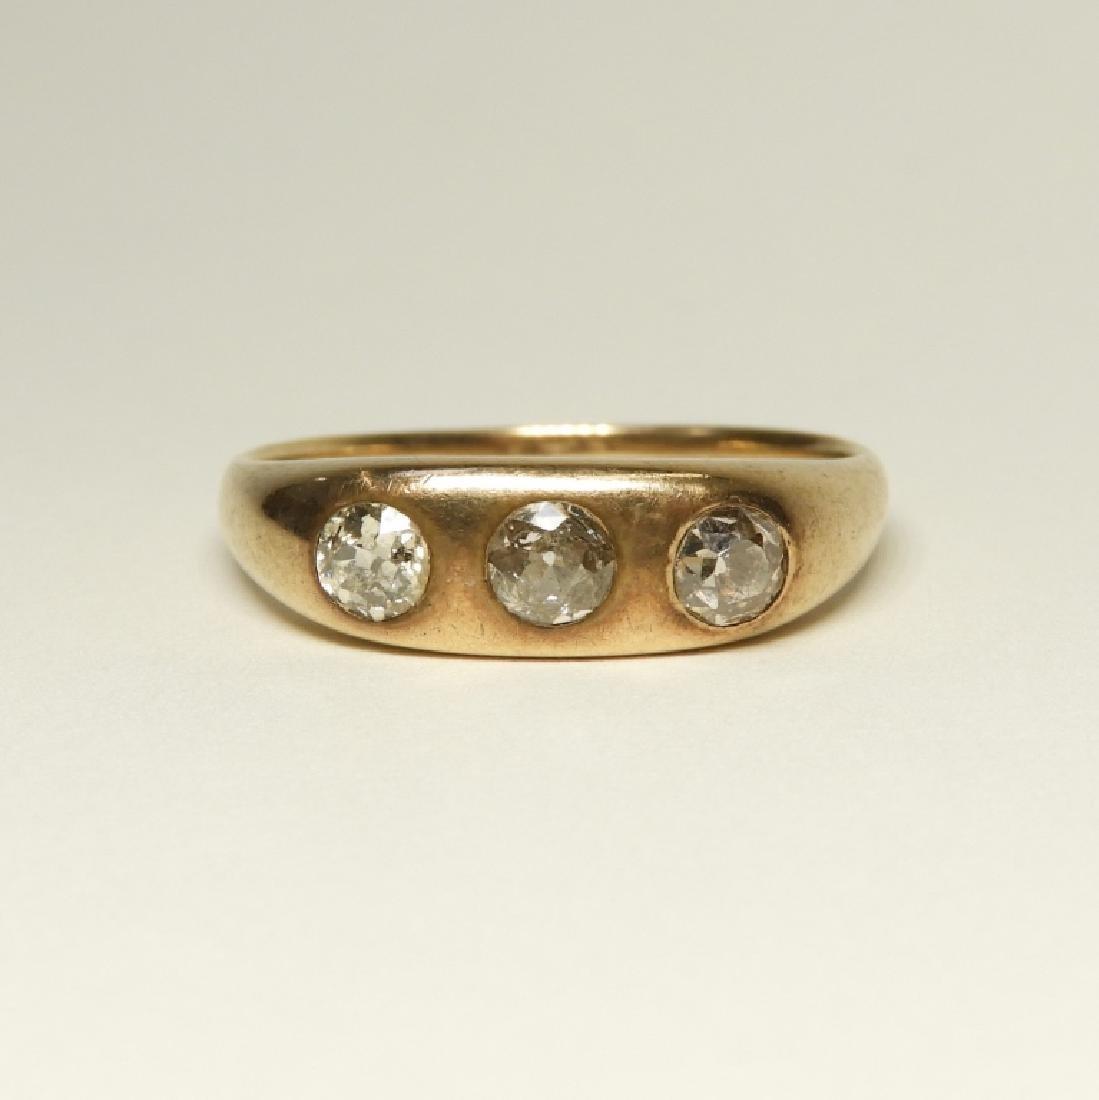 Modernist Design 14K Gold Diamond Ring